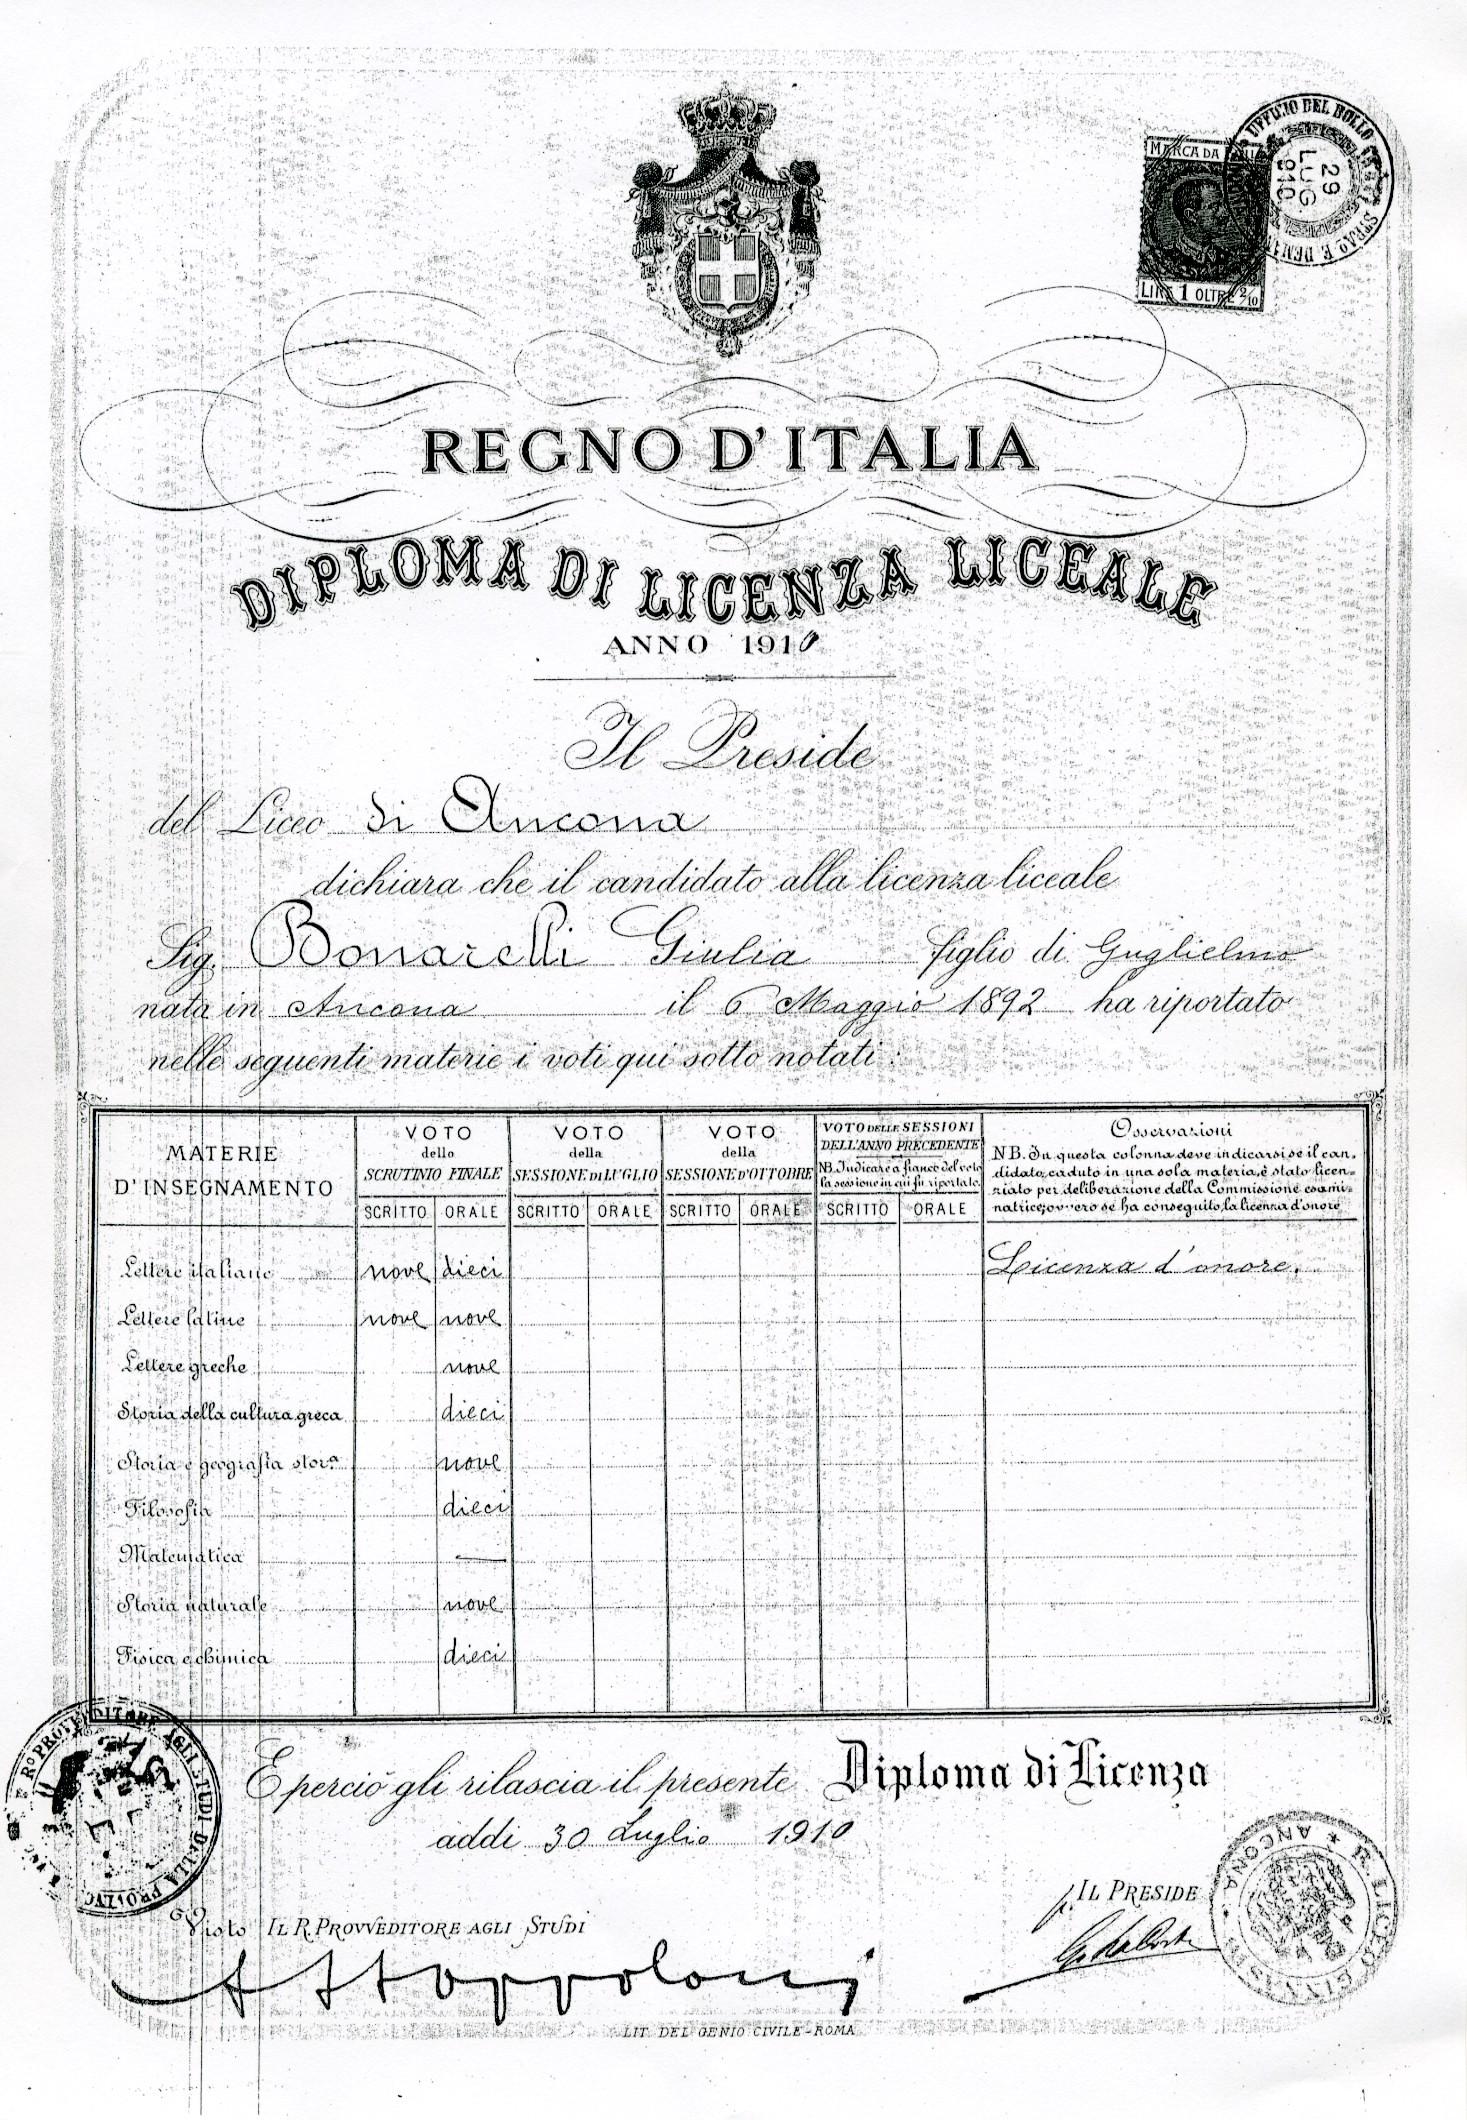 """GLI STUDI 30 luglio 1910: si diploma con licenza d'onore al Liceo """"Rinaldini"""" di Ancona."""